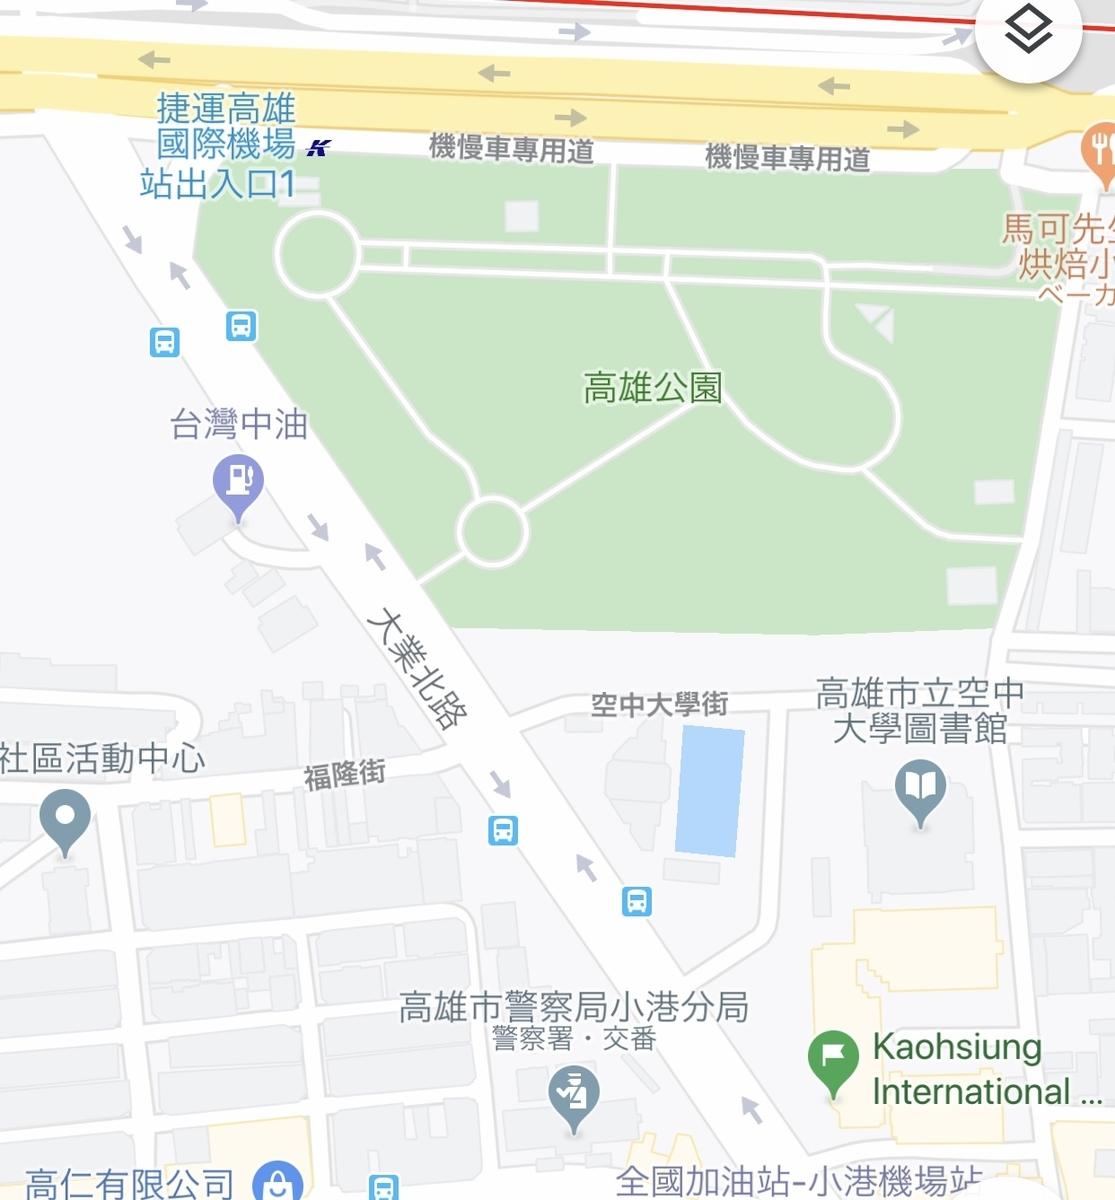 f:id:kiyo-q:20191212225530j:plain